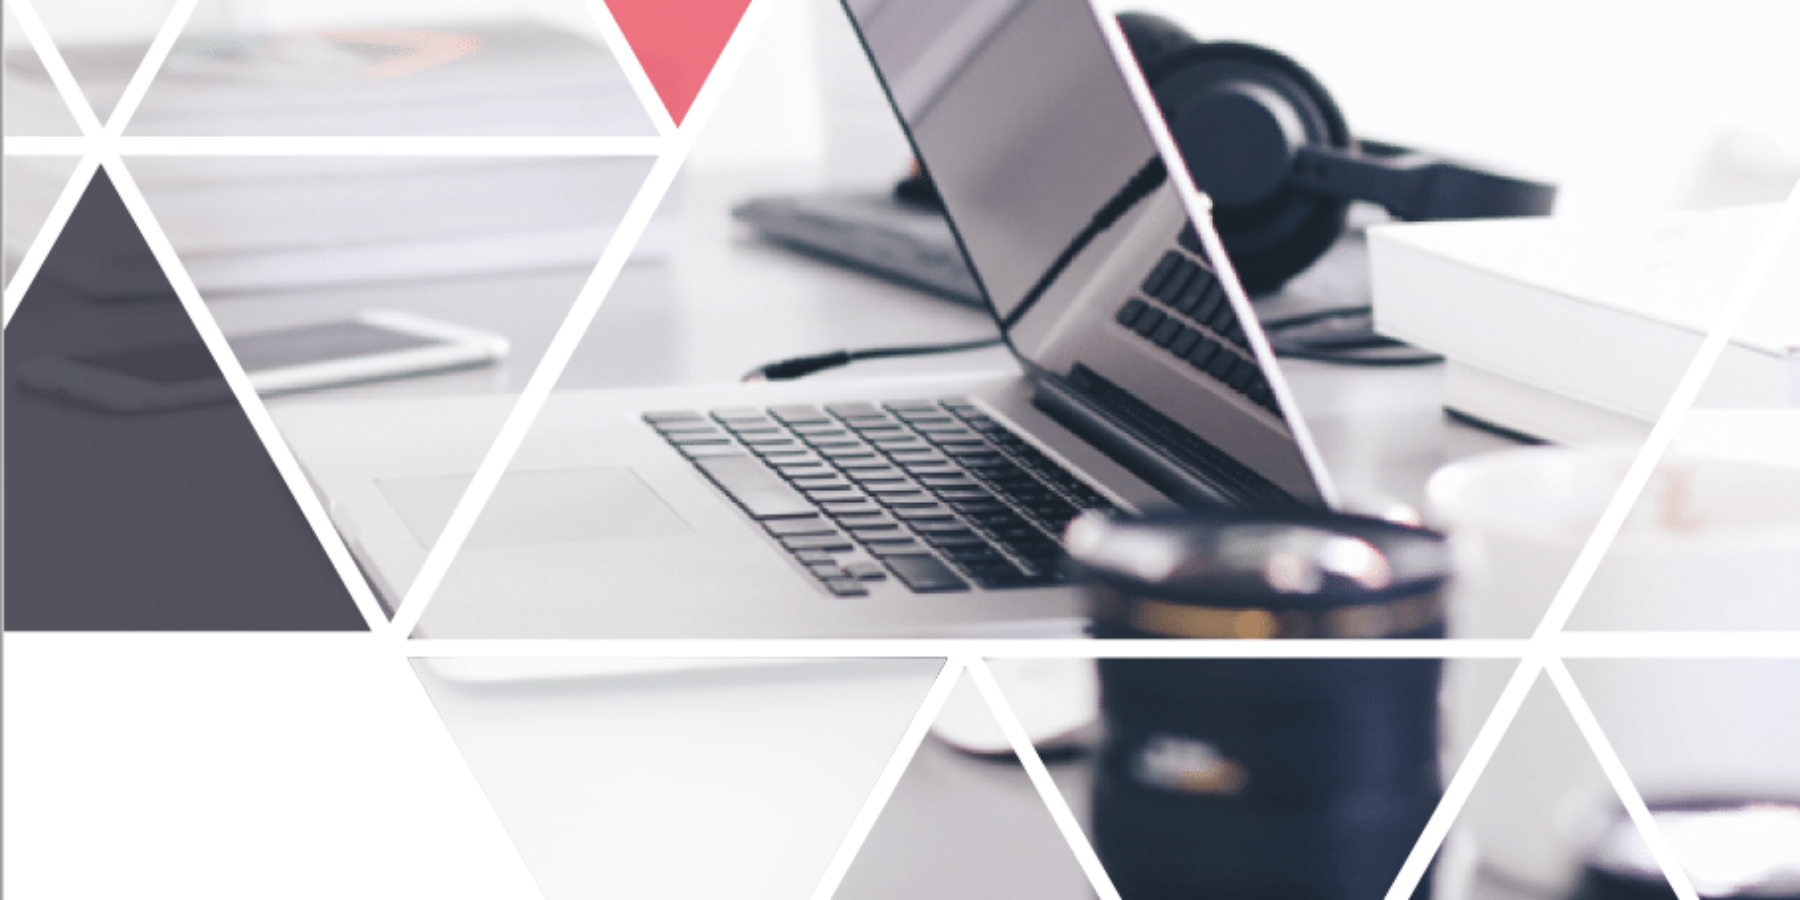 Jak motywować pracowników branży IT – podsumowanie raportu poznańskiej firmy Appchance